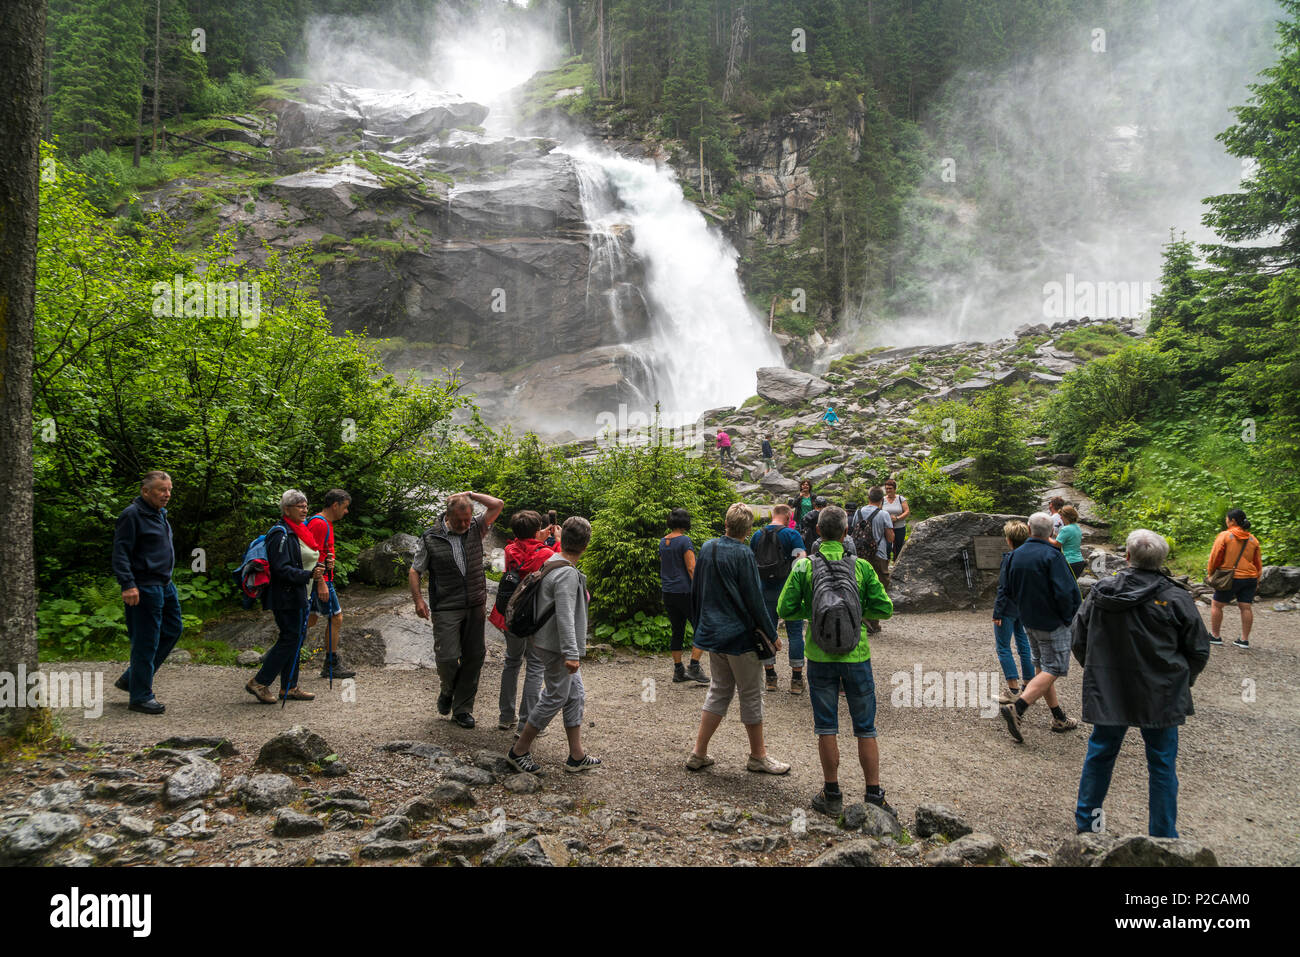 Touristen an den Krimmler Wasserfällen im Nationalpark Hohe Tauern, Krimml, Salzburg, Österreich  tourists watching the Krimml Waterfalls in the High  - Stock Image